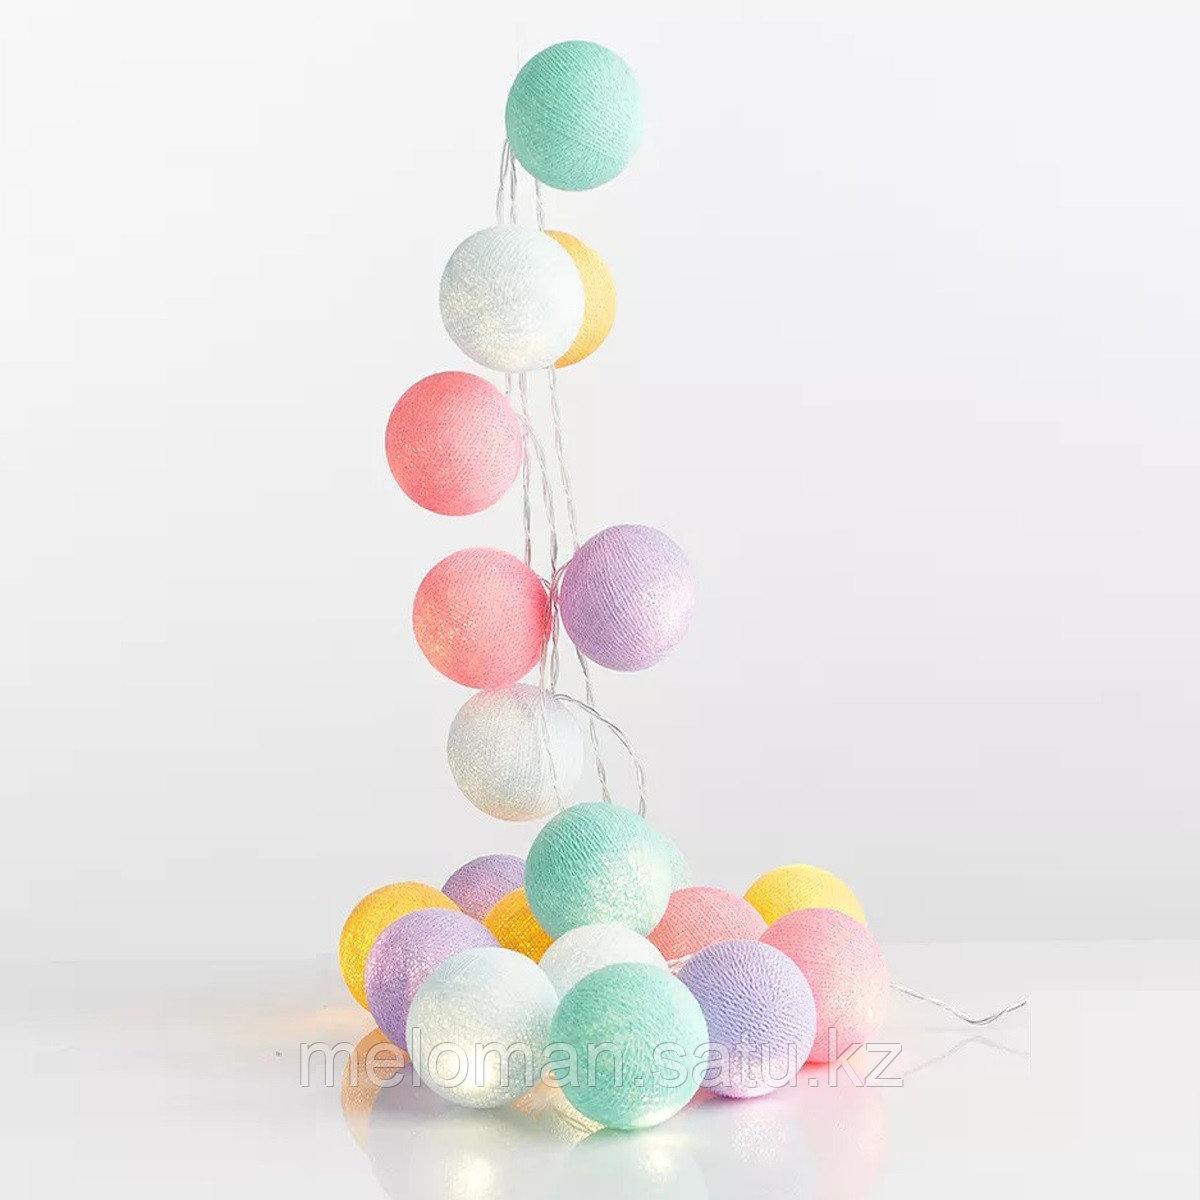 Гирлянда декоративная Парадайз 20 шаров/сеть - фото 3